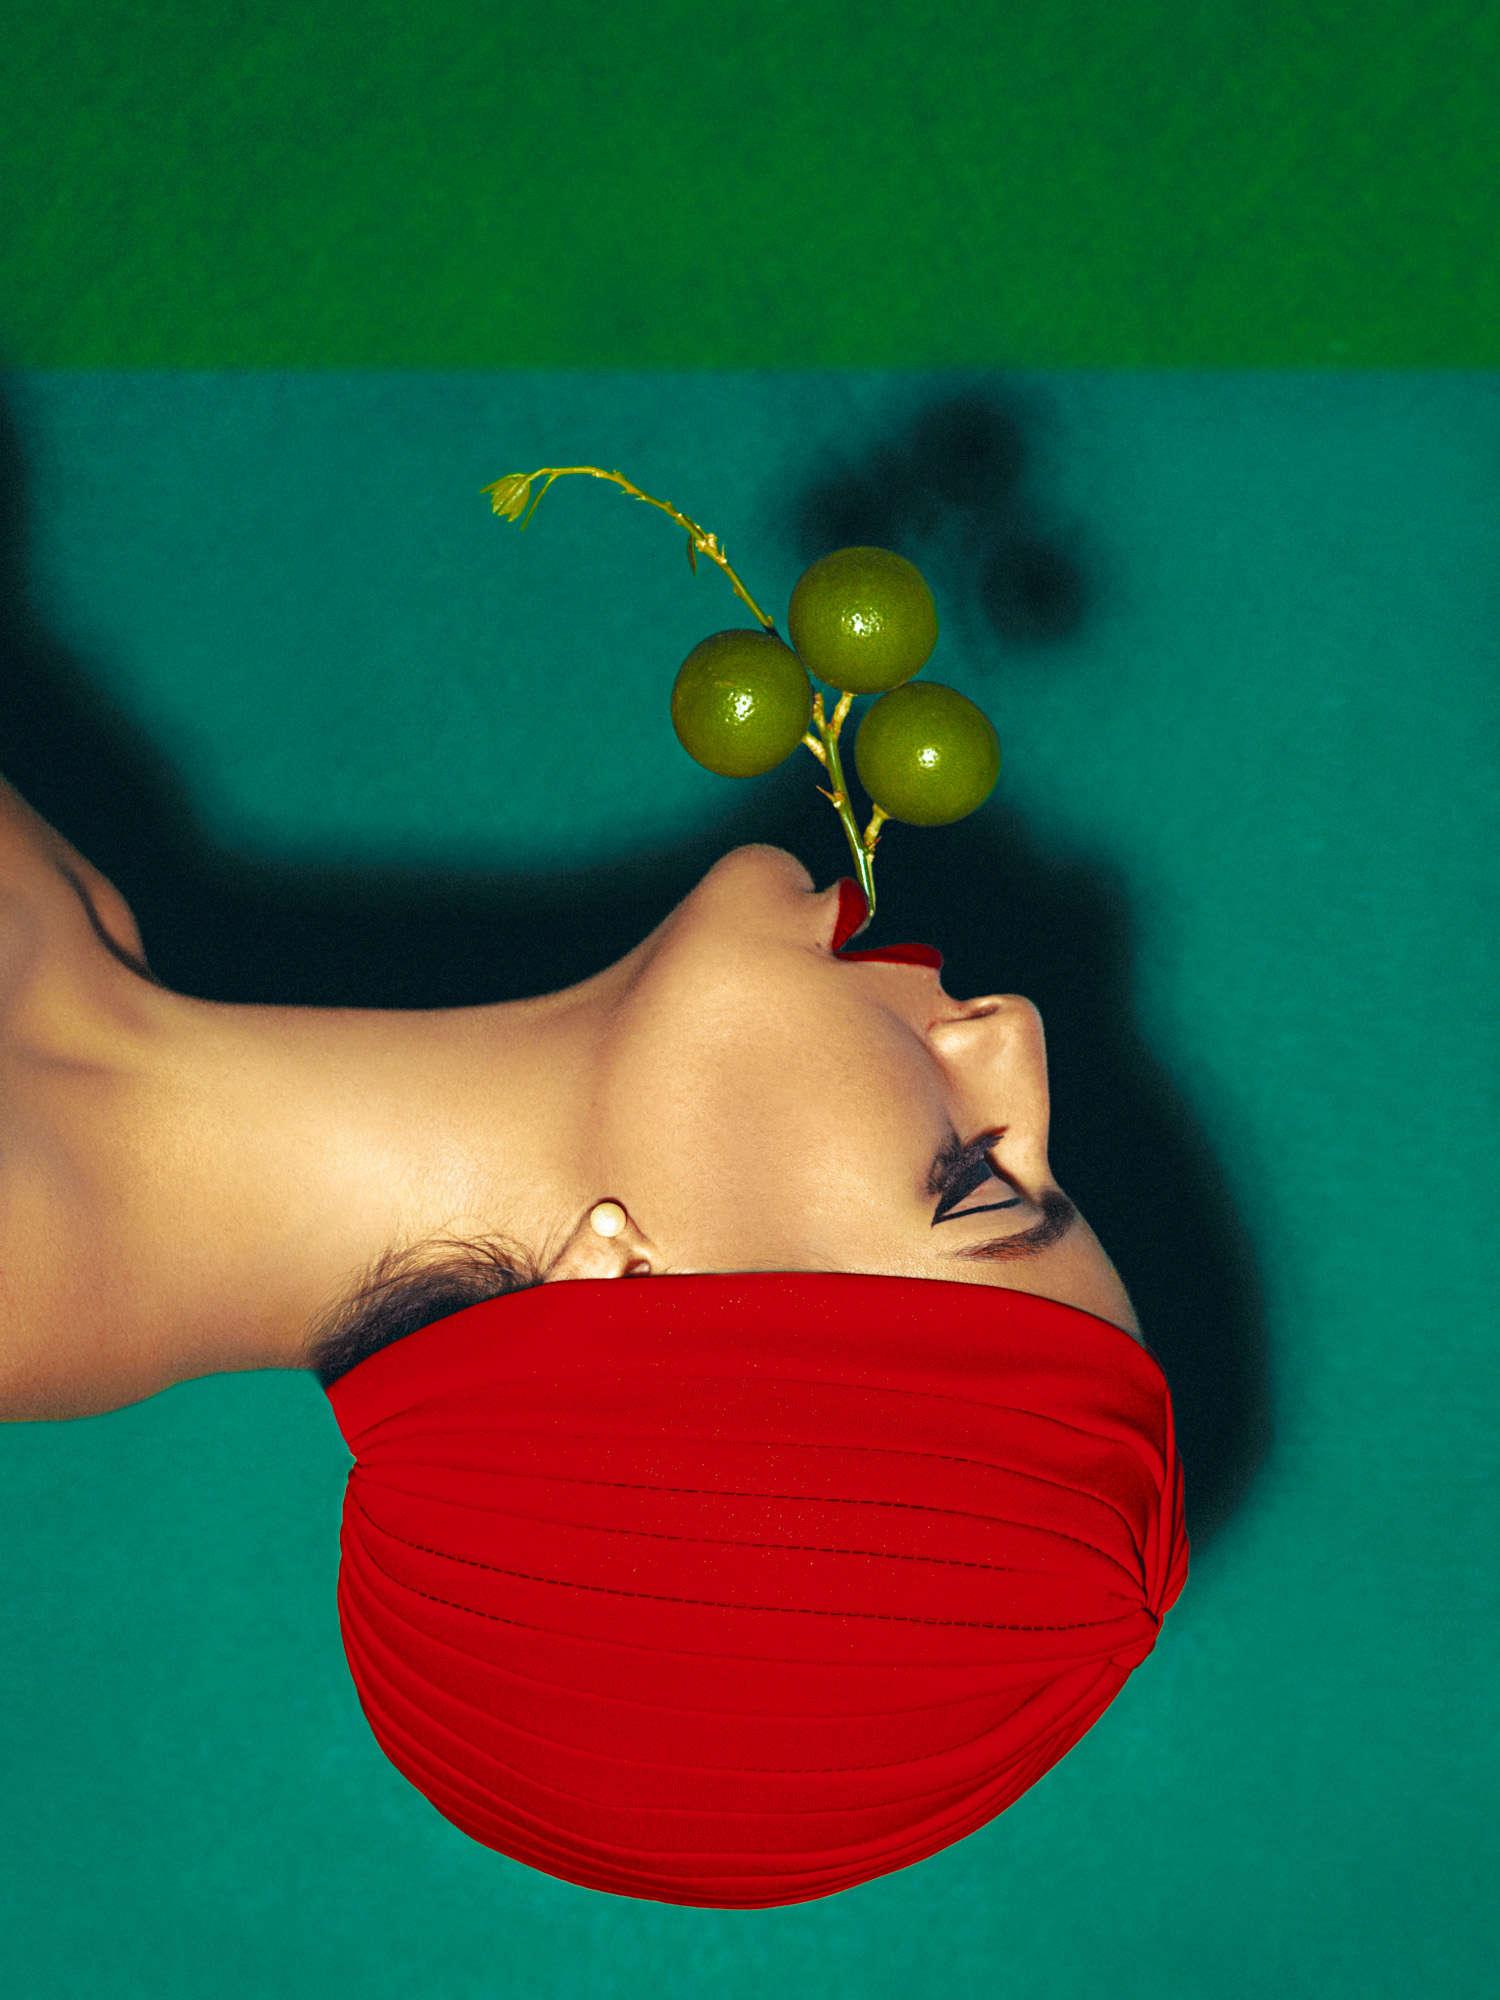 Elena Iv-Skaya - A Somewhat Classic Beauty II